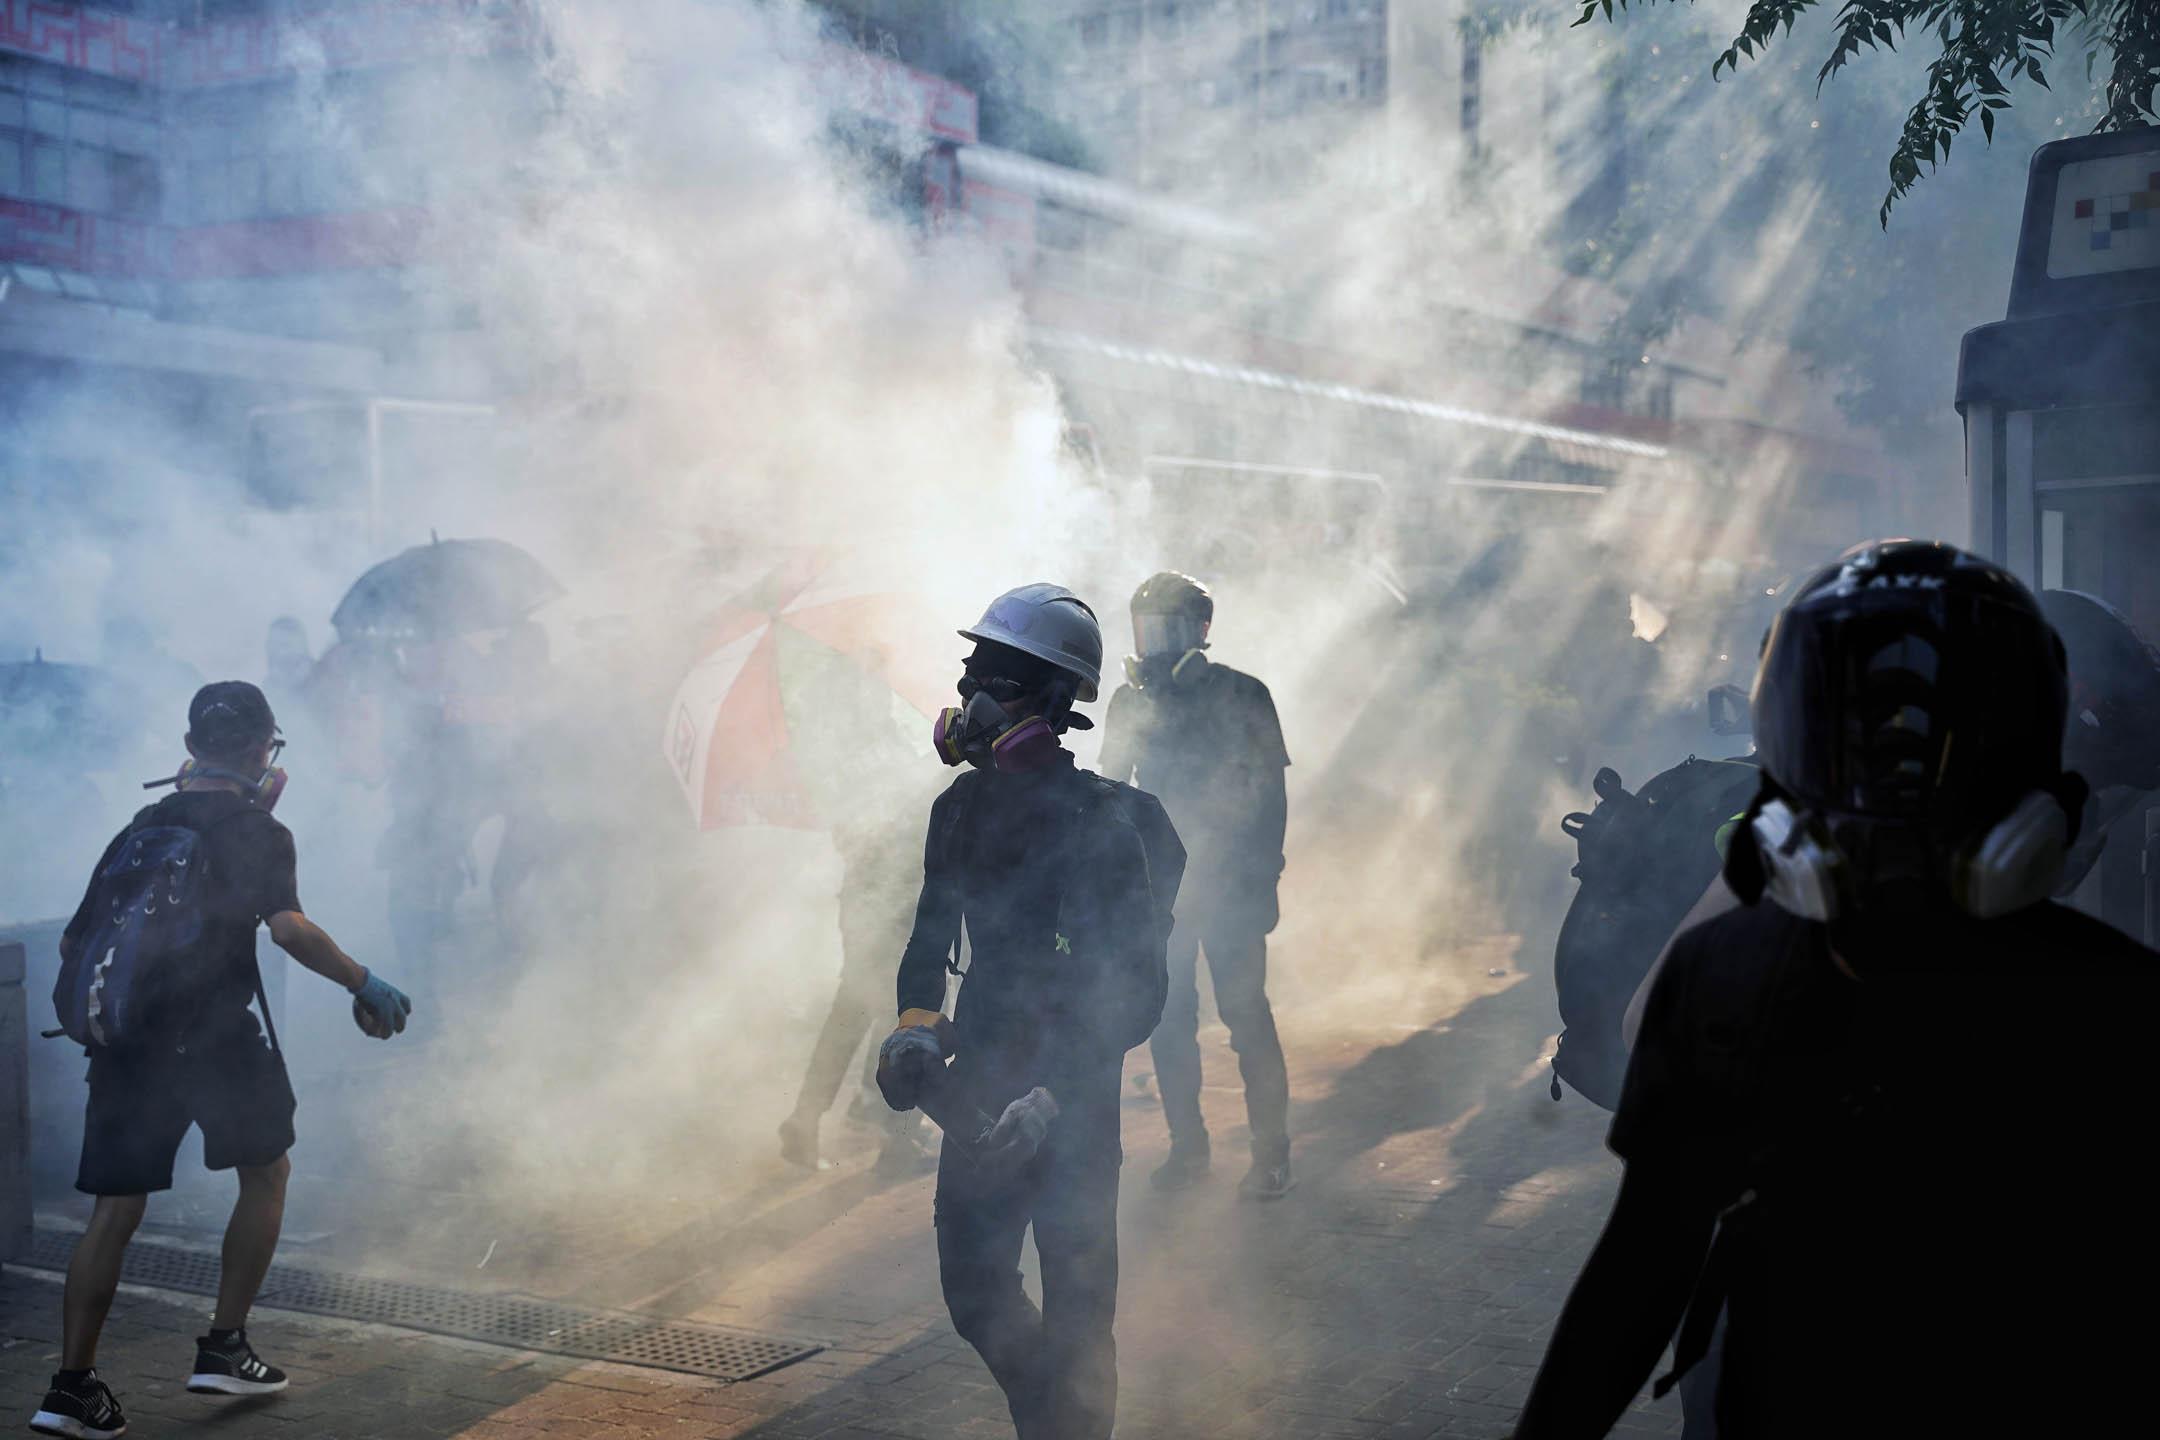 2019年10月1日,香港示威者於各區進行抗議,警察以催淚彈驅散。 攝:劉子康/端傳媒